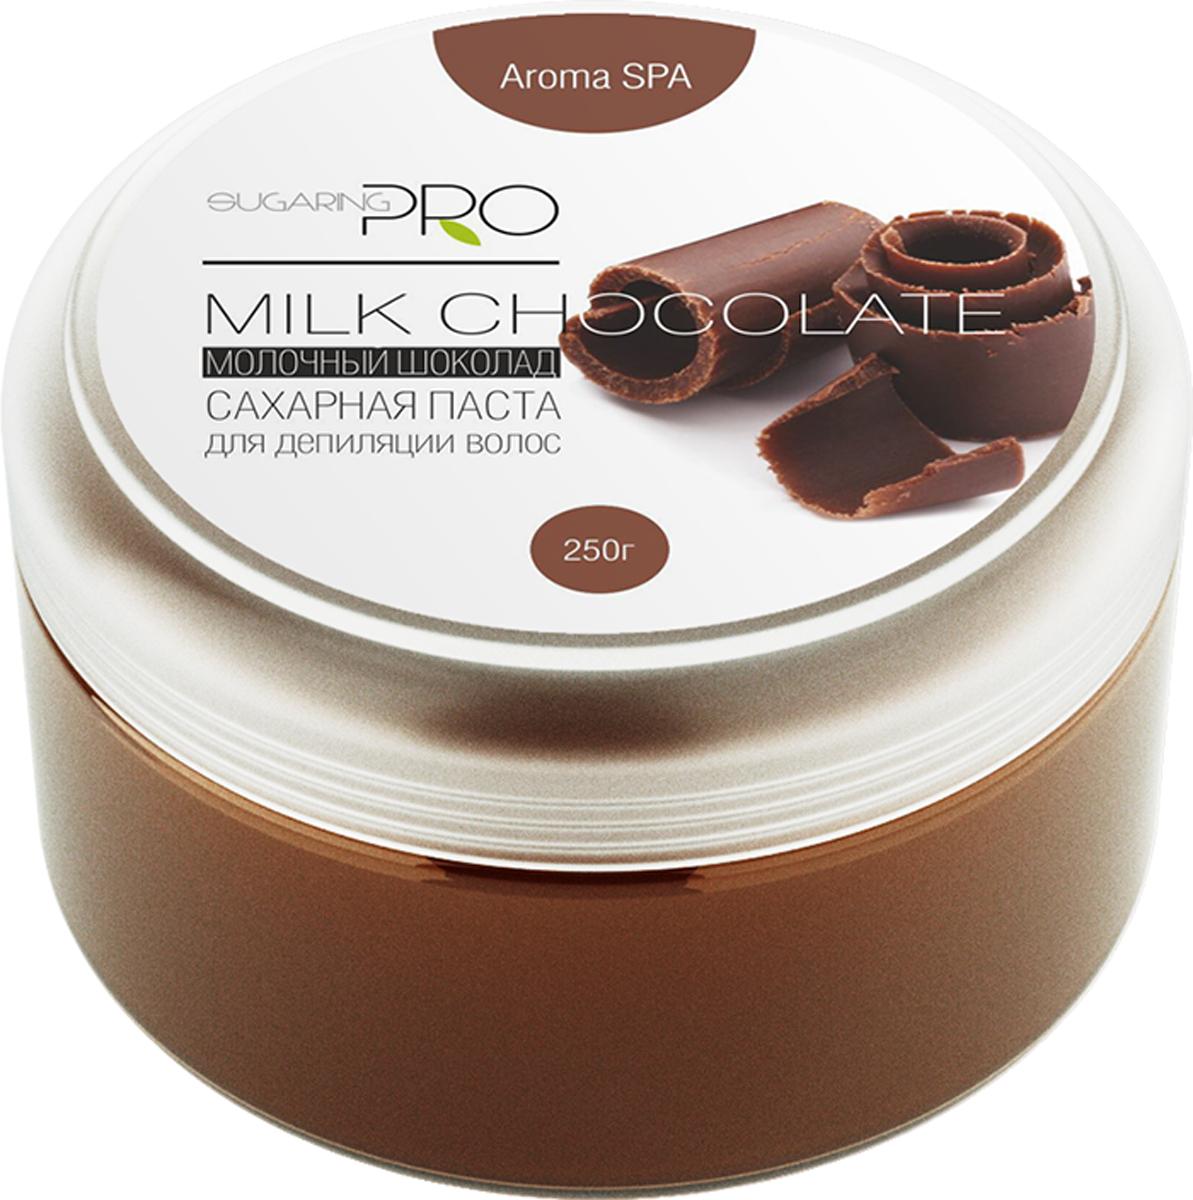 Сахарная паста SUGARING PRO  Молочный шоколад  универсальная, 250 г - Бритье и депиляция